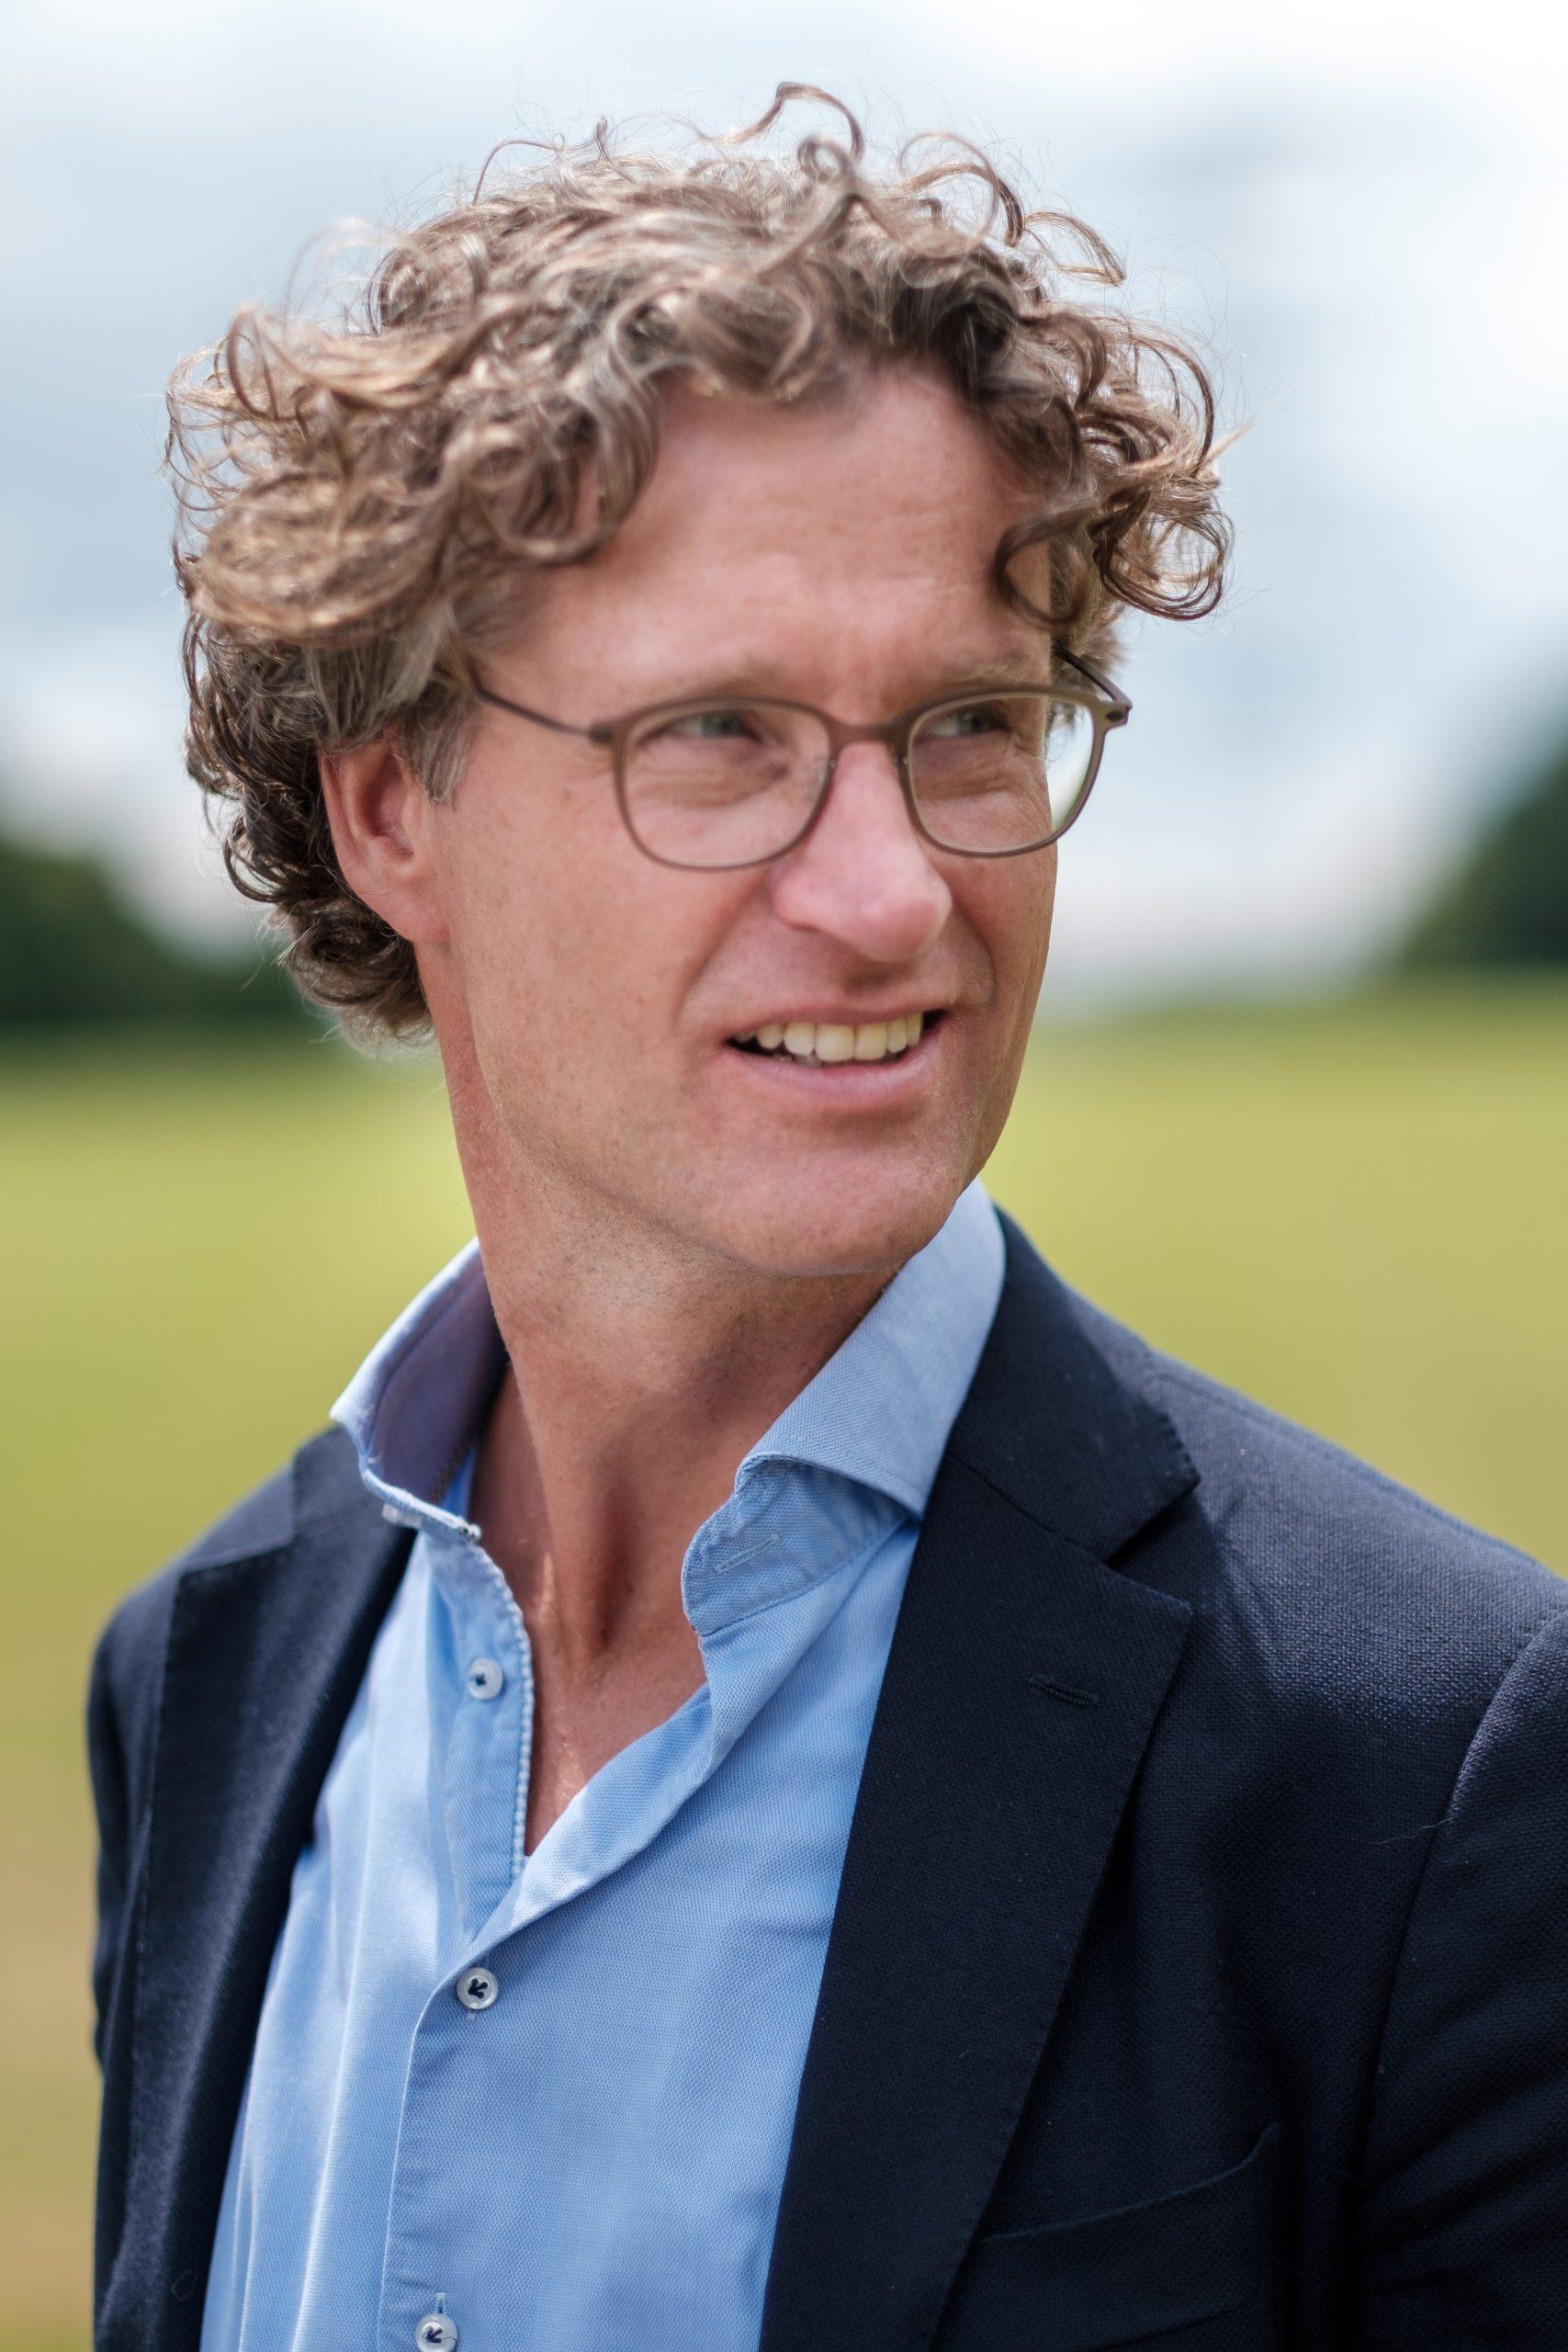 Jacob Froling- Nationaal Energietraineeship